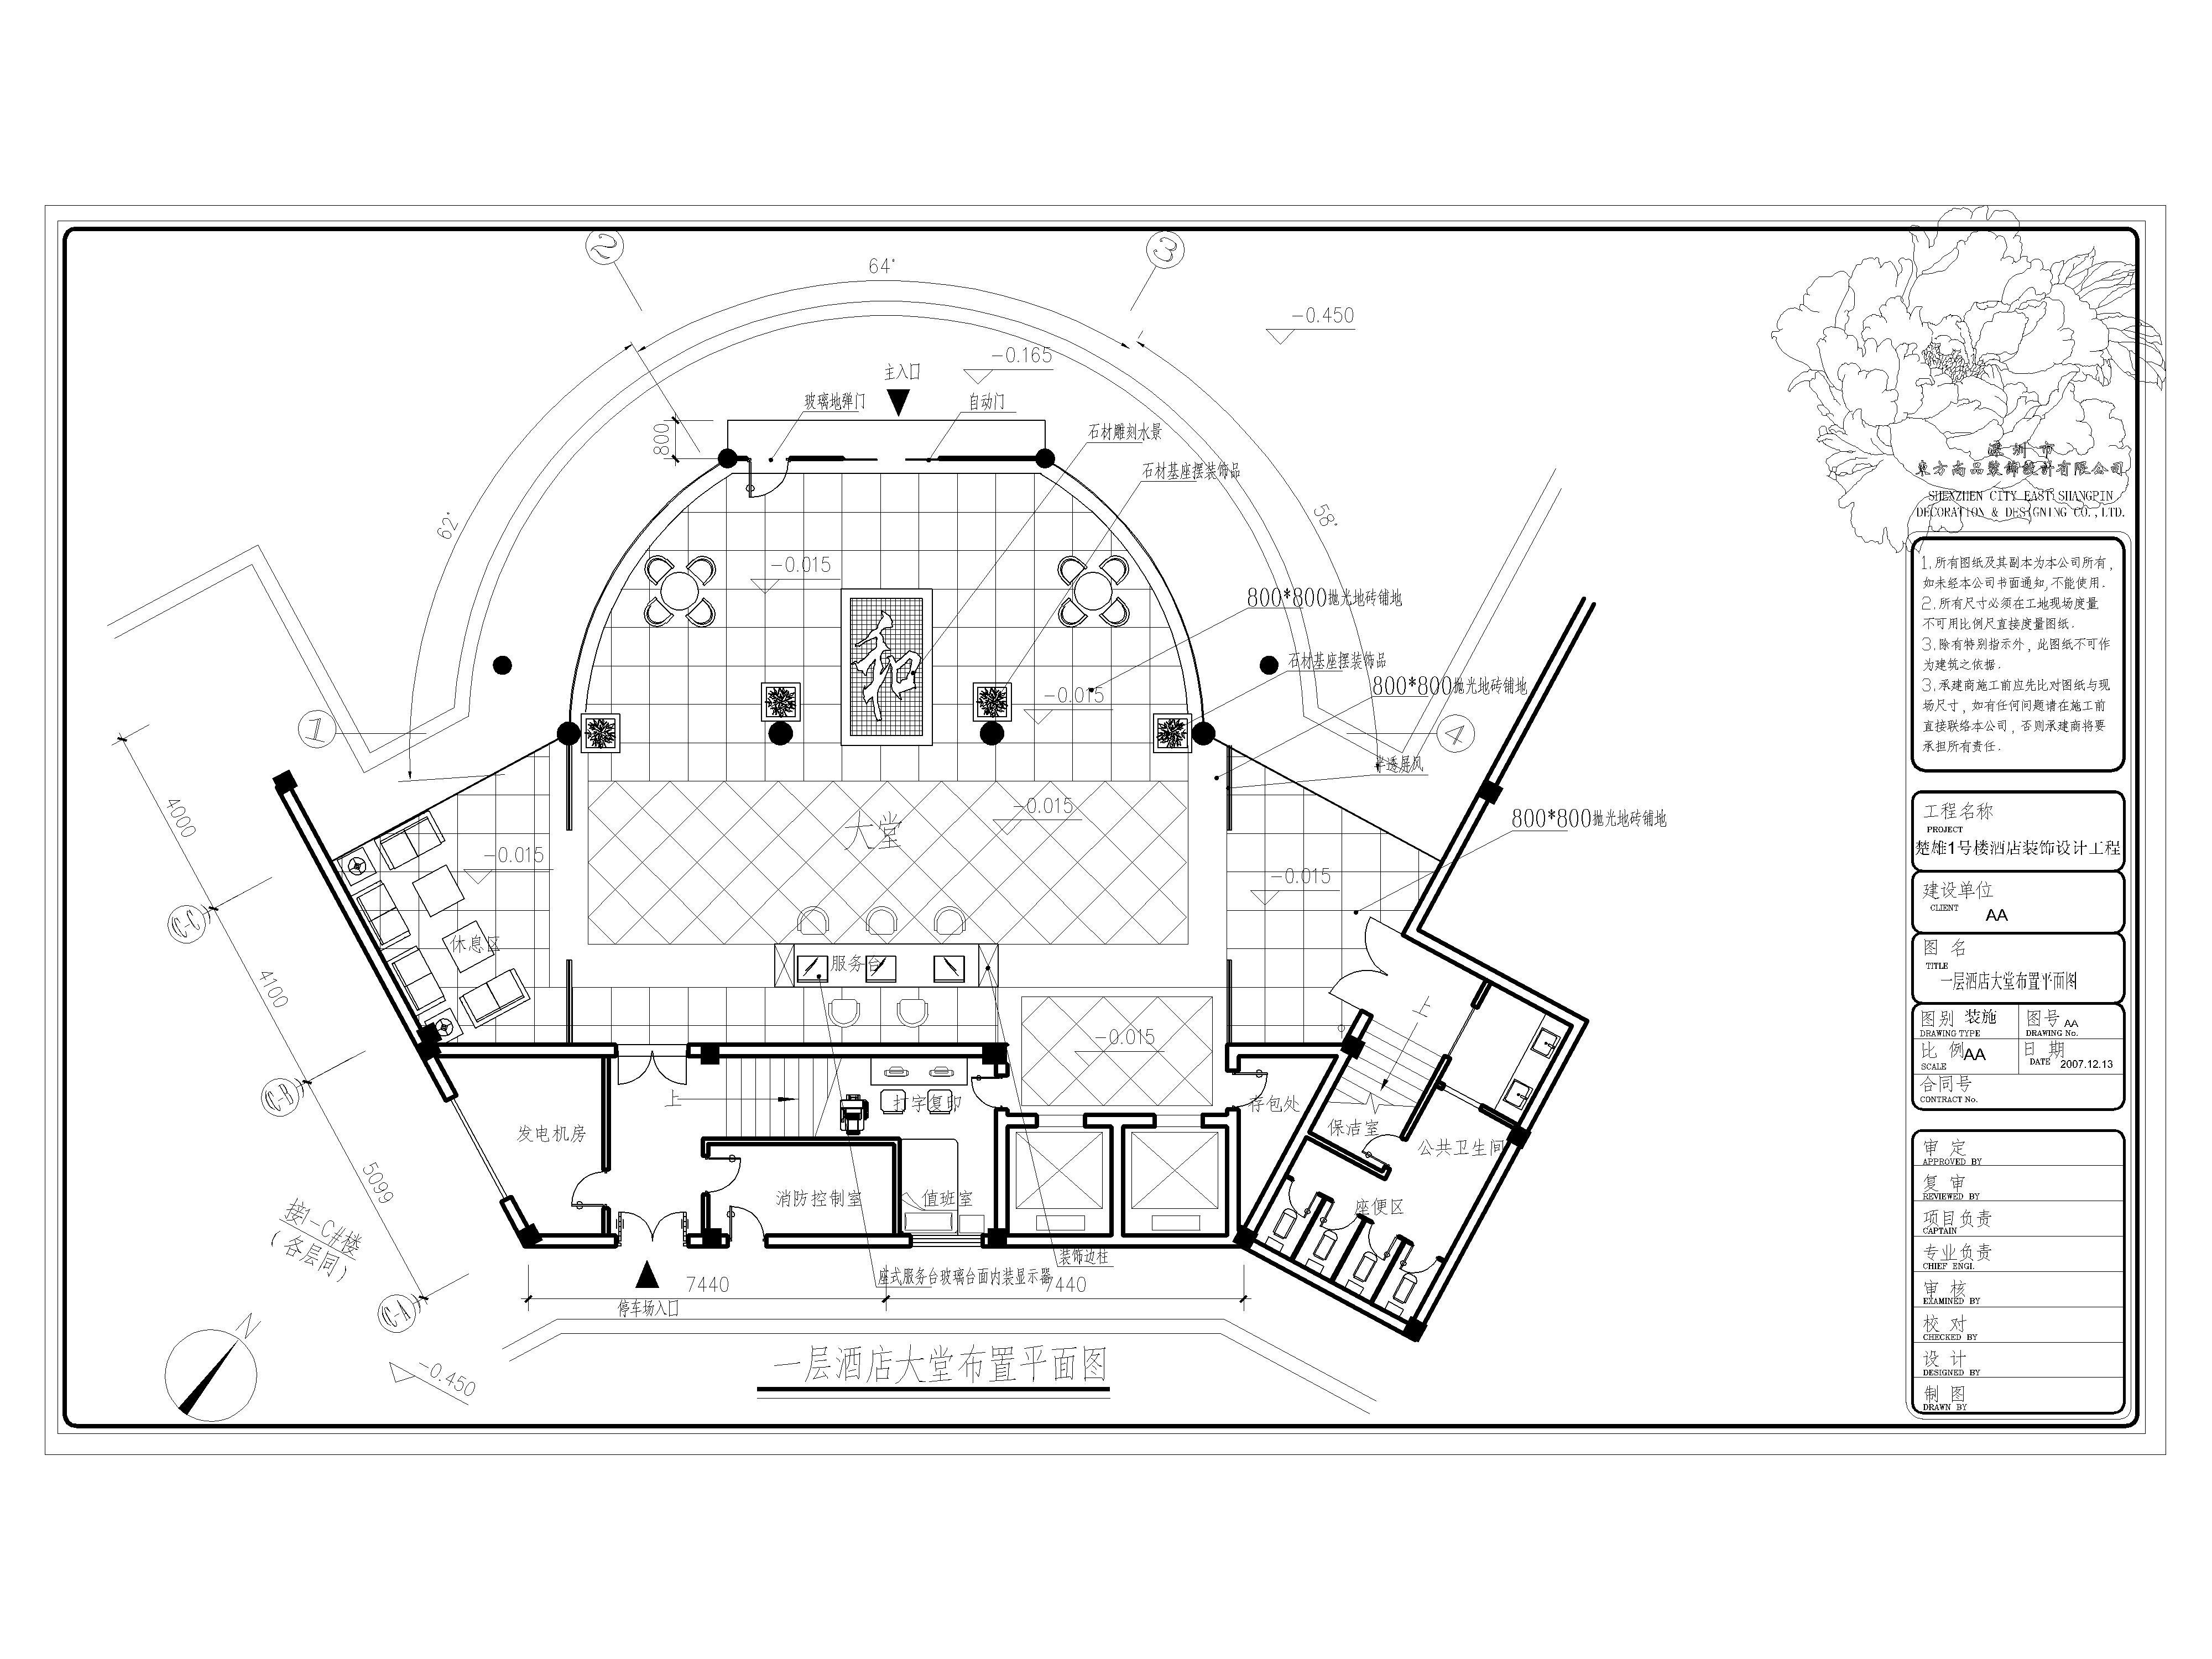 一层酒店大堂布置平面图